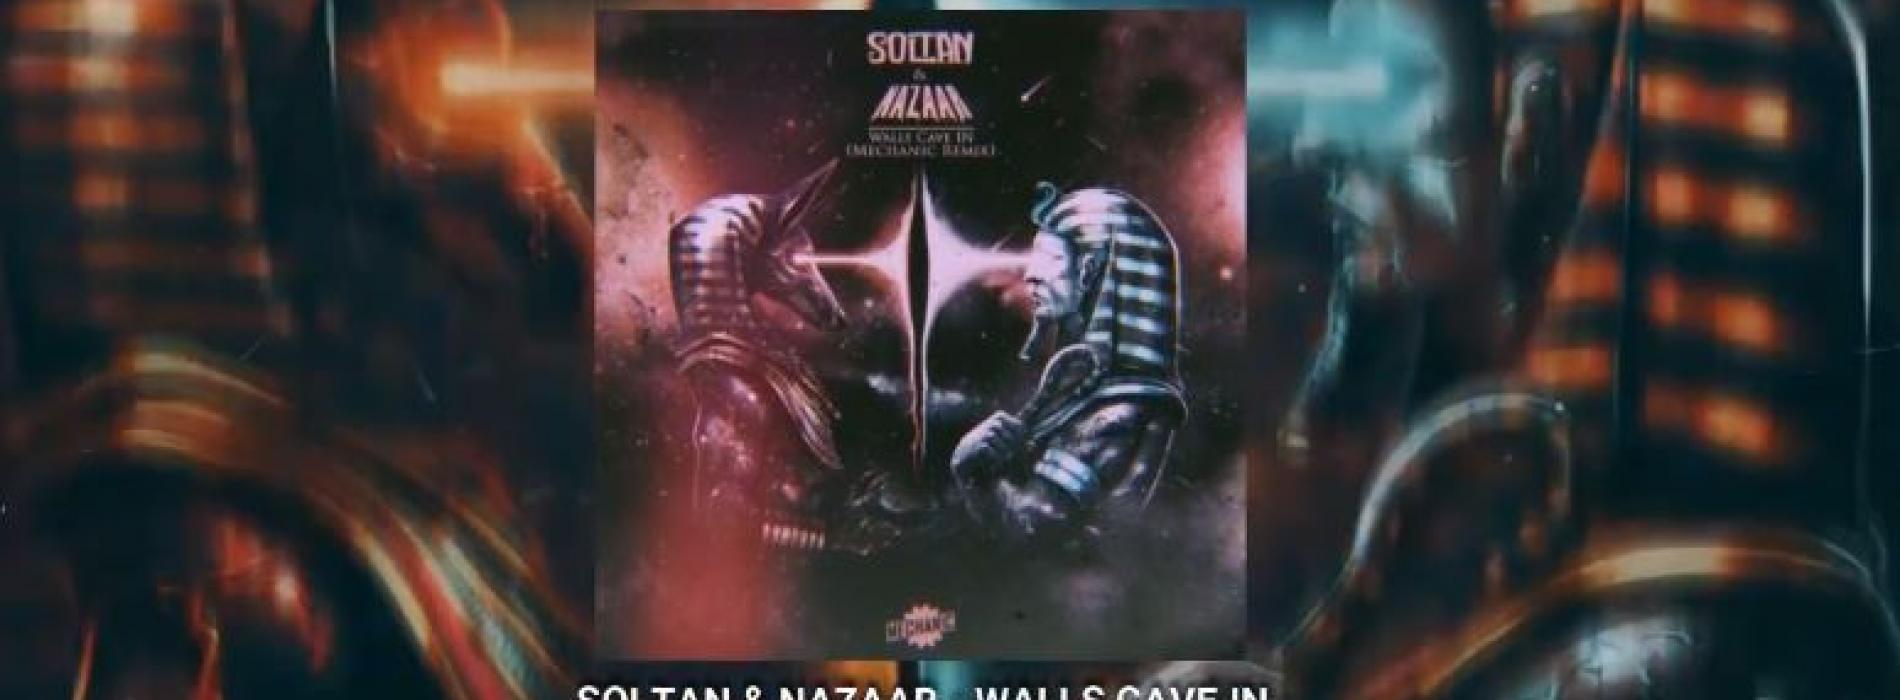 New Music : Soltan & Nazaar – Walls Cave In (Mechanic Remix)